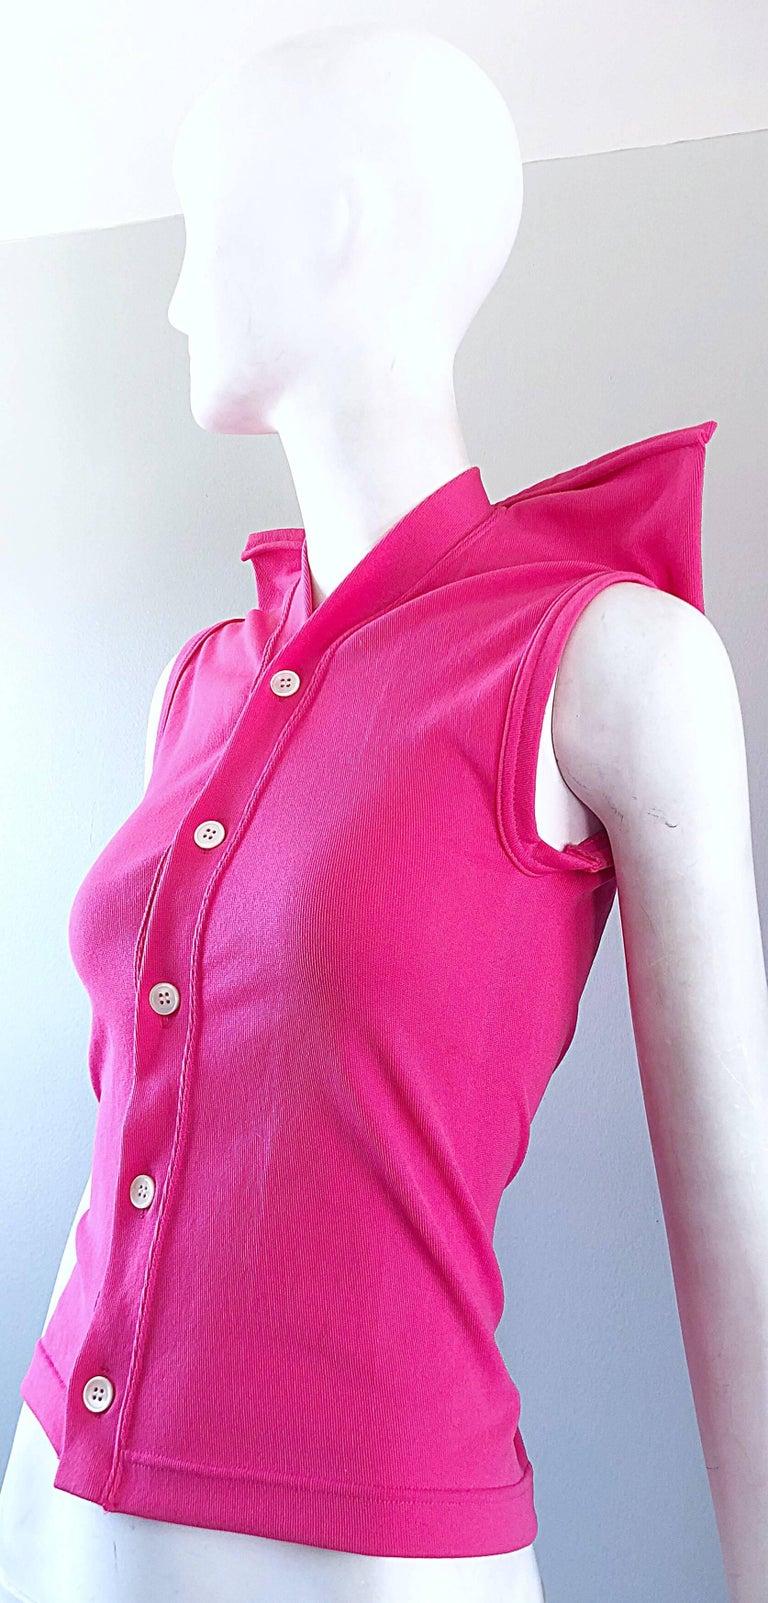 Women's Rare Vintage Comme des Garcons 1990s Hot Pink Avant Garde Futuristic Top Blouse  For Sale